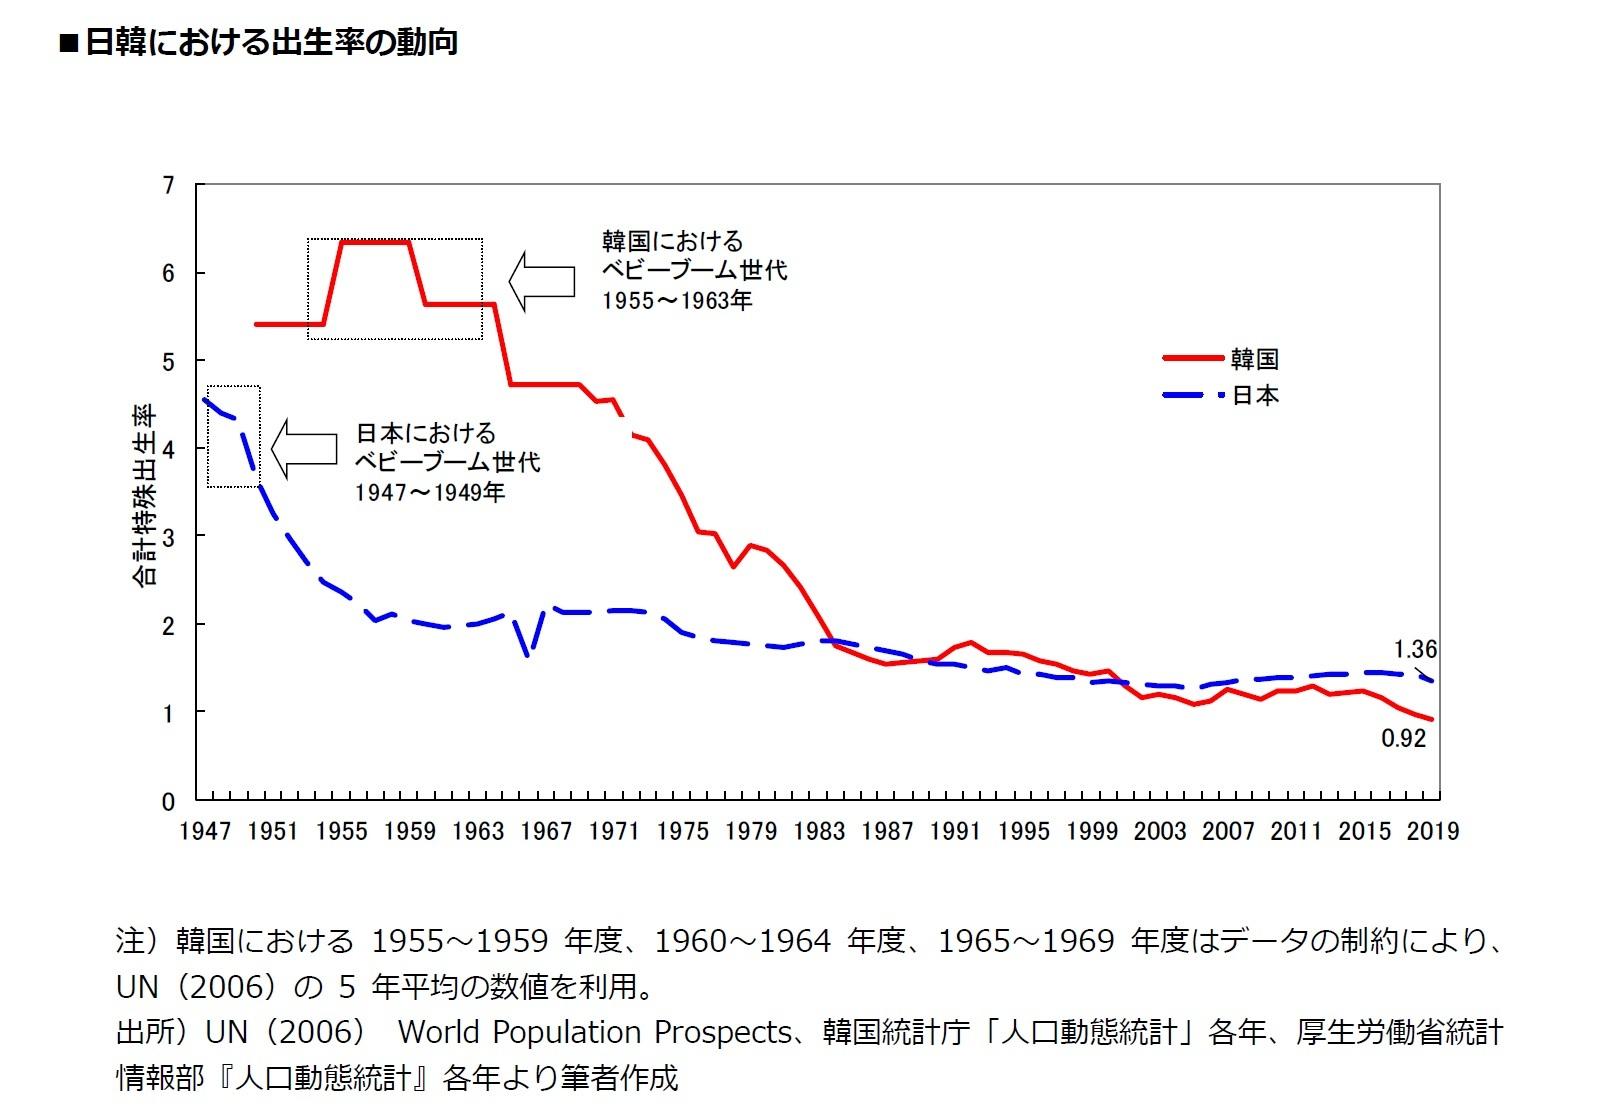 日韓における出生率の動向